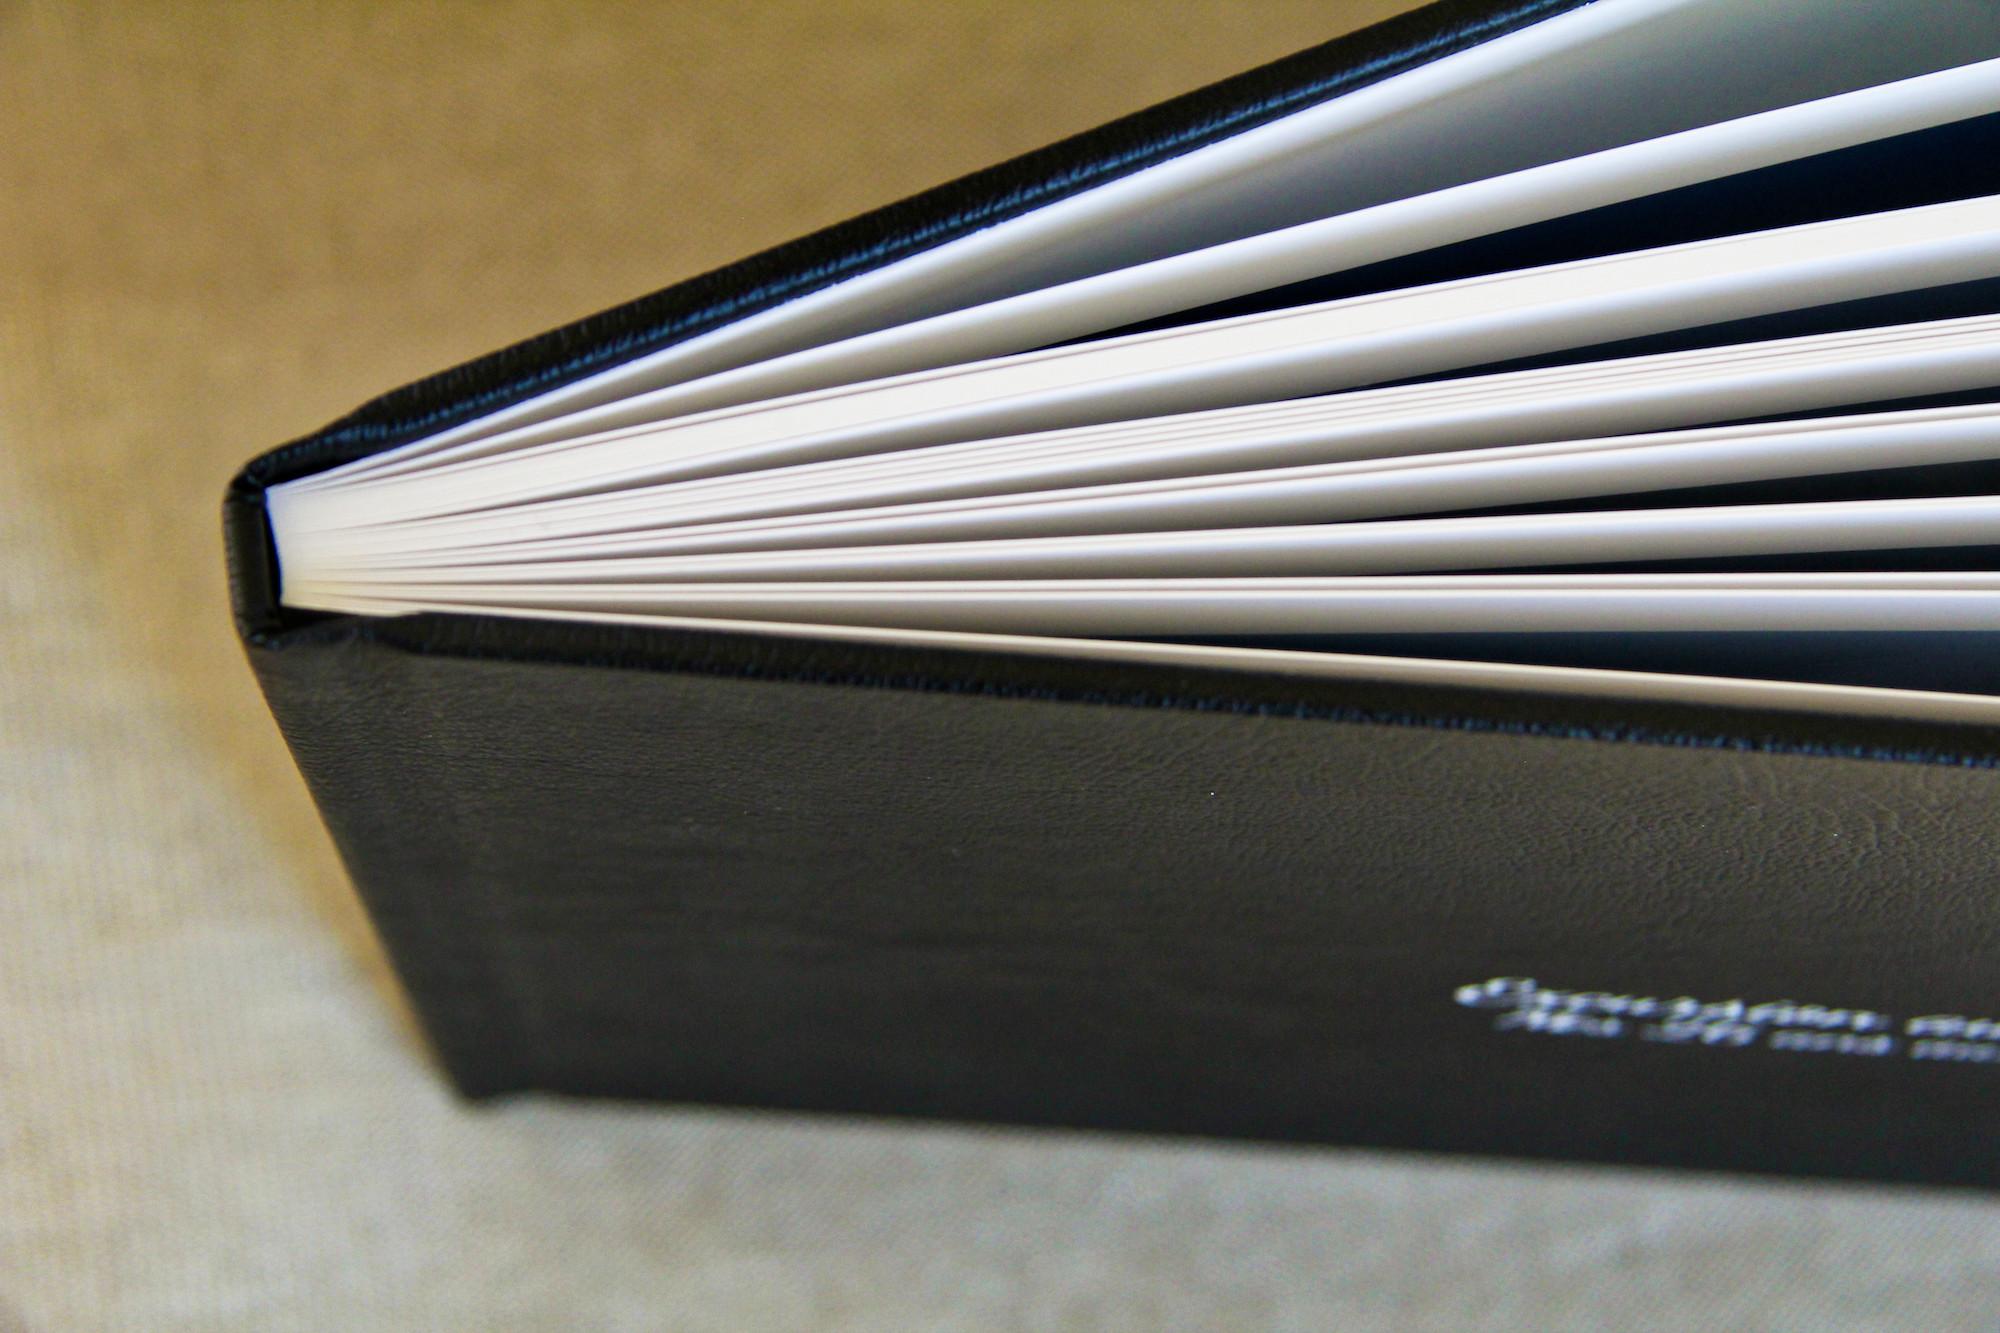 Imprimer ses photos - tranche album Saal Digital